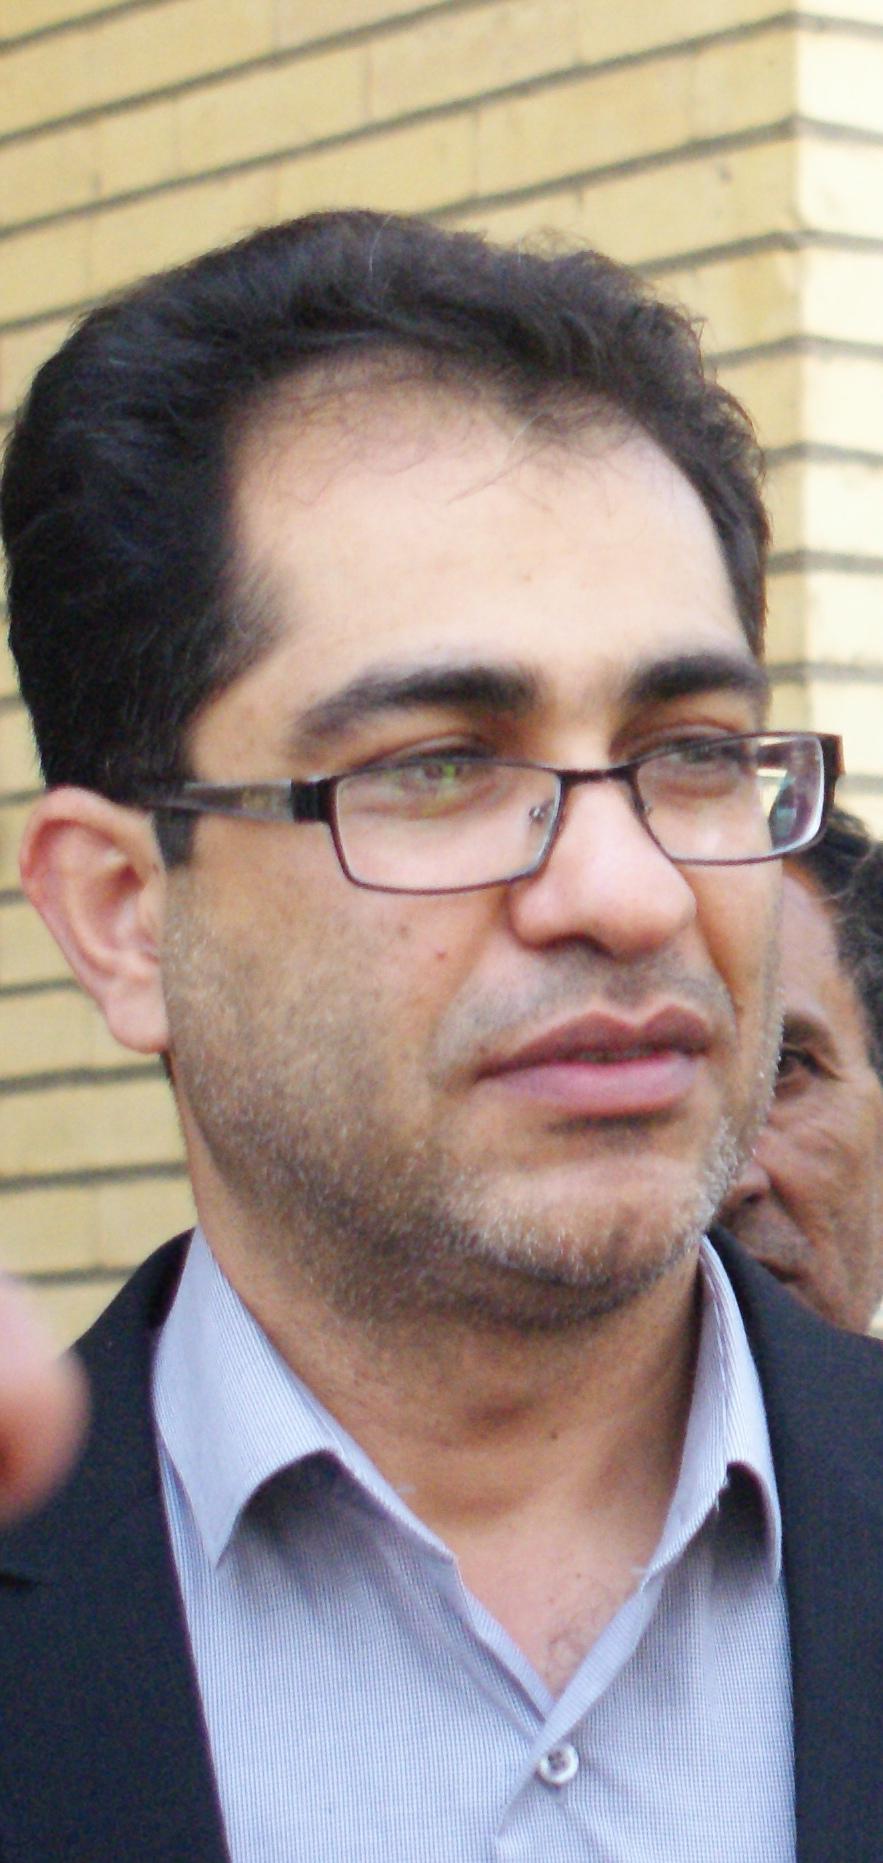 دکتر  اسماعیلی رییس شبکه بهداشتی ، درمانی و آموزشی داراب خبر داد: تخصصهای مورد نیاز شهرستان داراب در نشست تقسیم متخصصان تامین شد